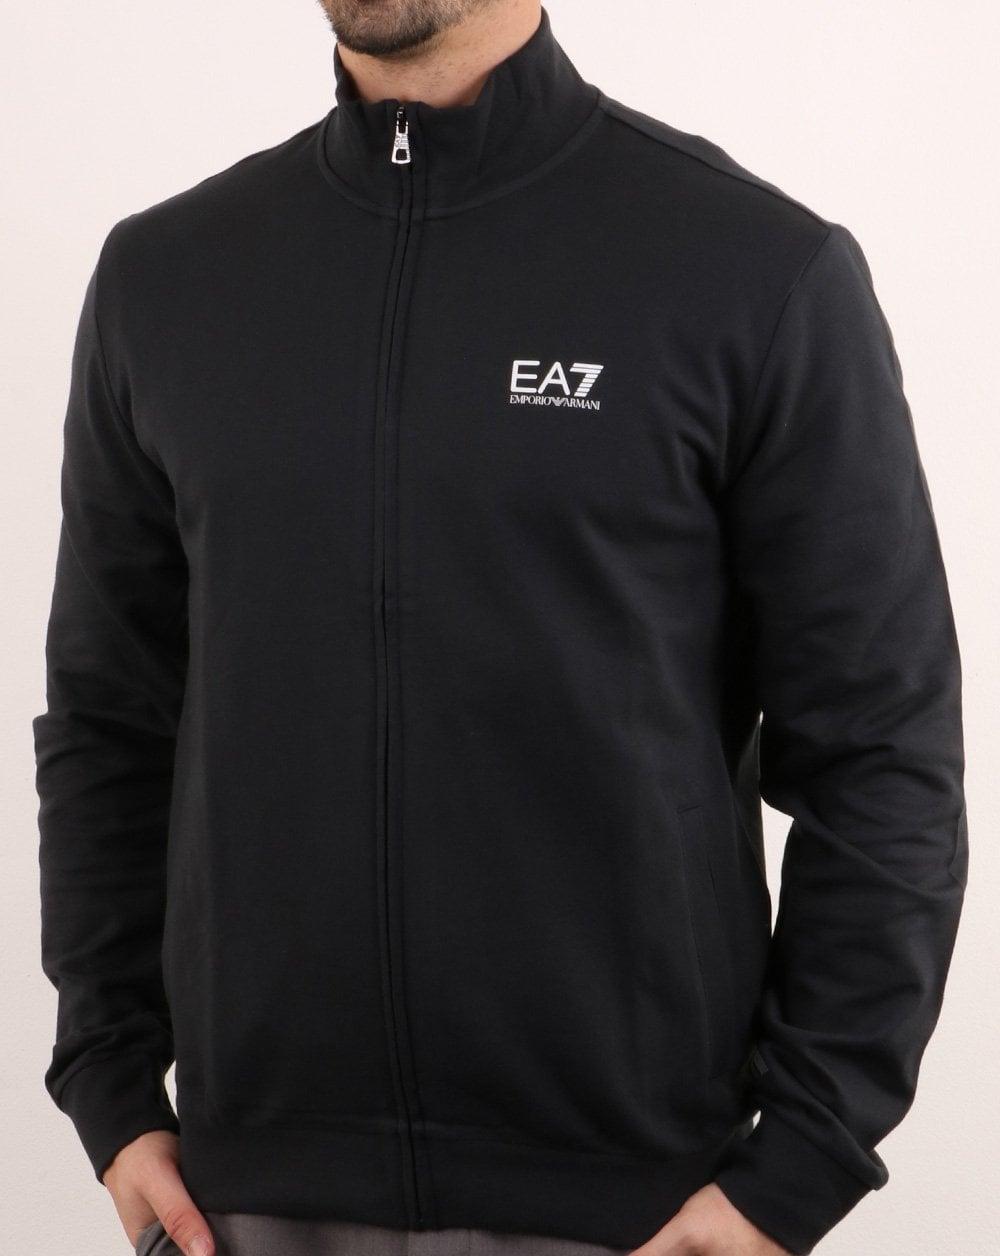 amazing price elegant and graceful cheap sale Emporio Armani EA7 Core Track Black